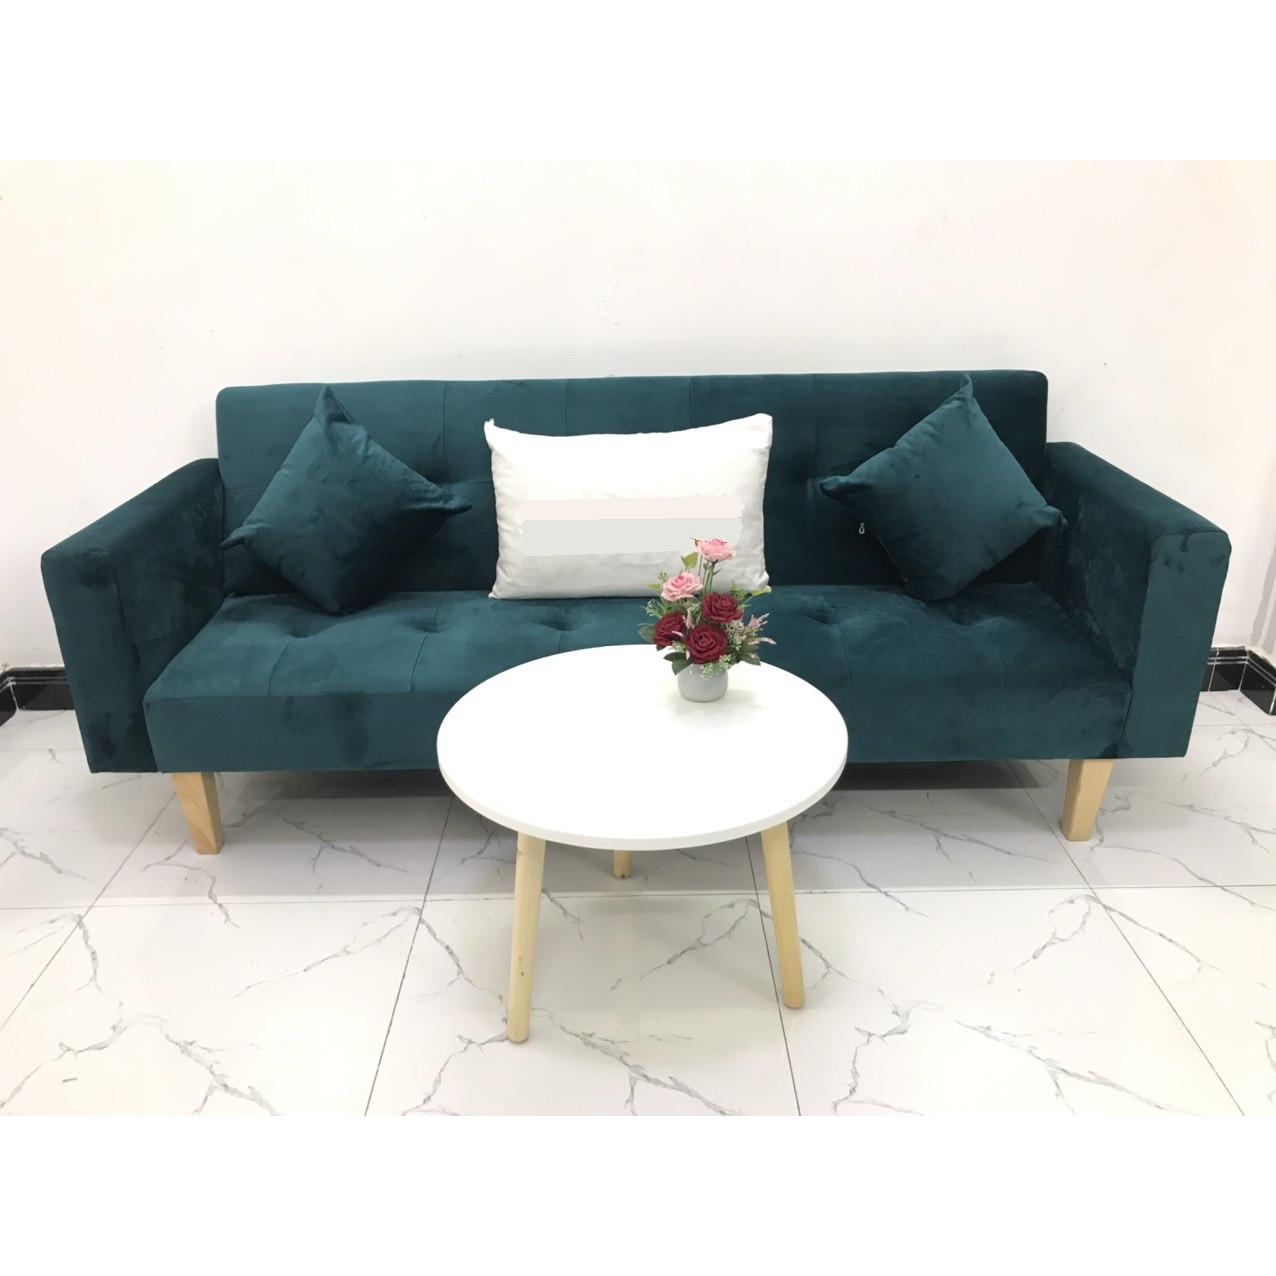 Bộ ghế sofa giường sofa bed tay vịn phòng khách salon linco11